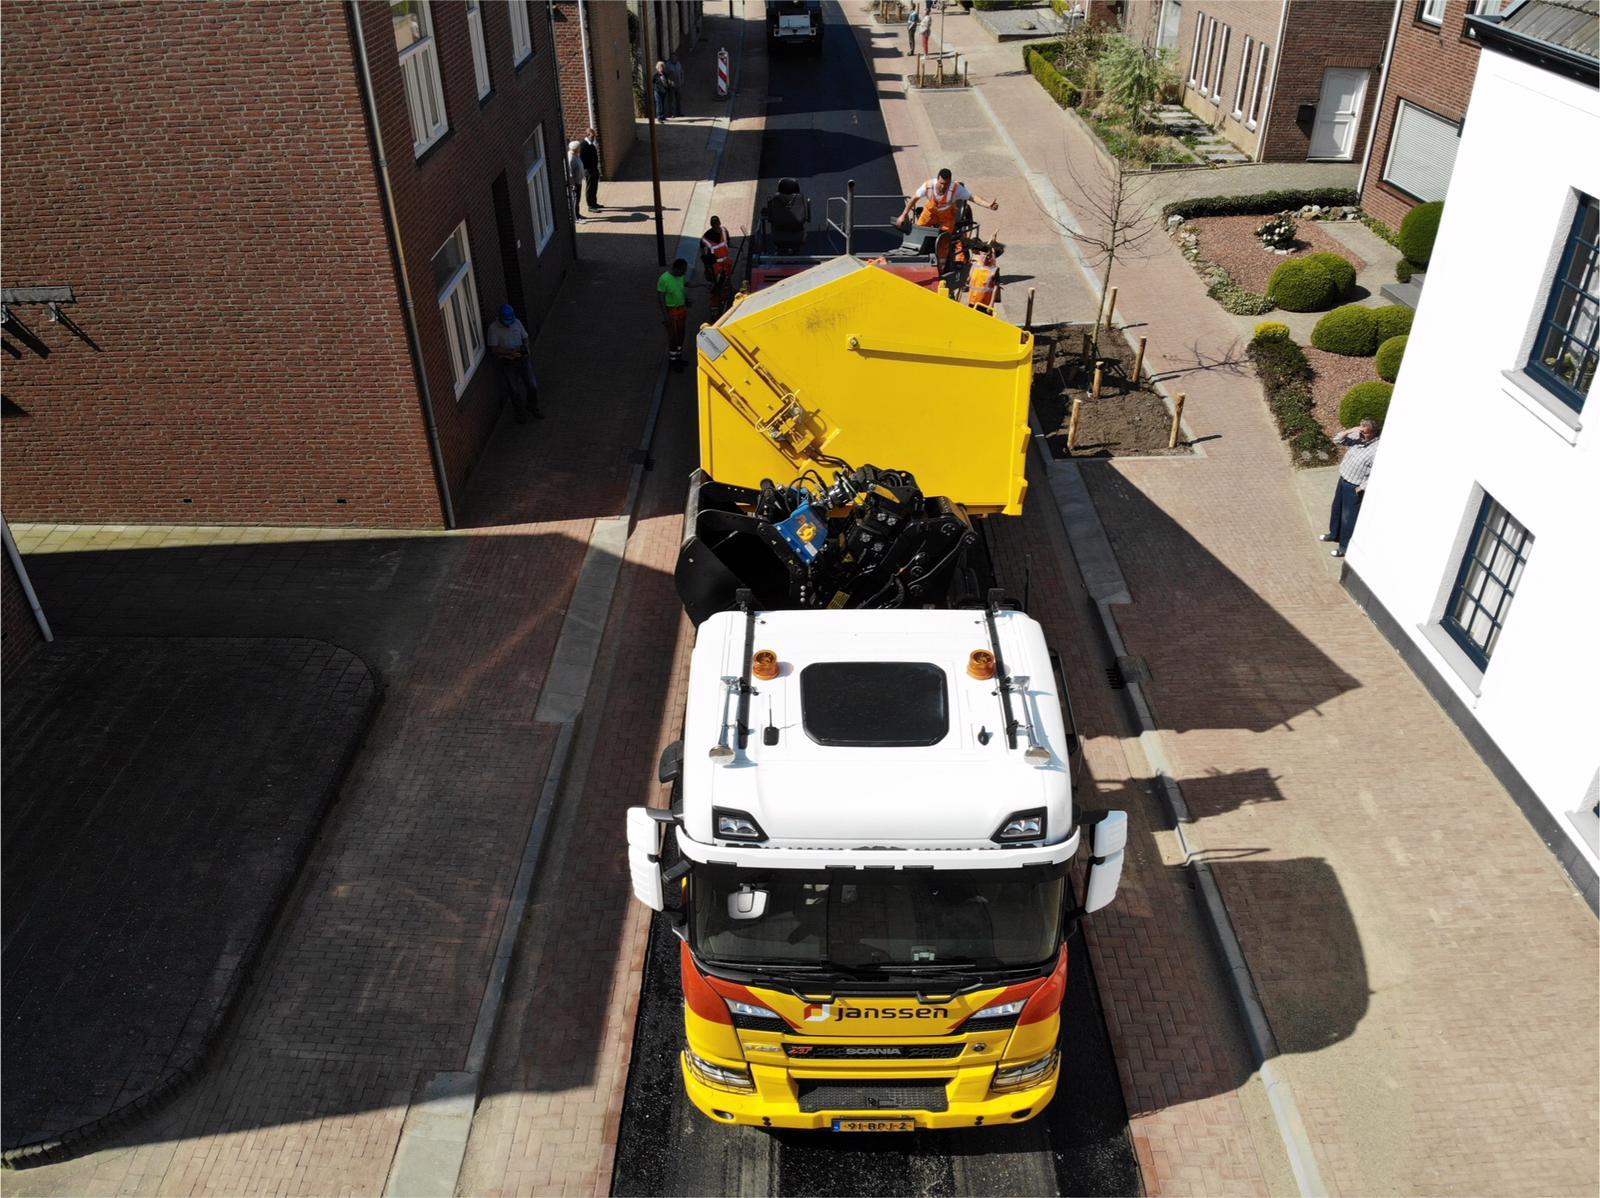 Van-APK-Wegenbouw-hebben-wij-het-meerjarig-contract-gegund-gekregen-voor-het-asfalttransport-en-het-vervoer-van-hun-asfaltsets-nieuwe-Scania-8x4-kraanauto-met-dieplader-en-de-nie-uwe-MAN-10x4-1